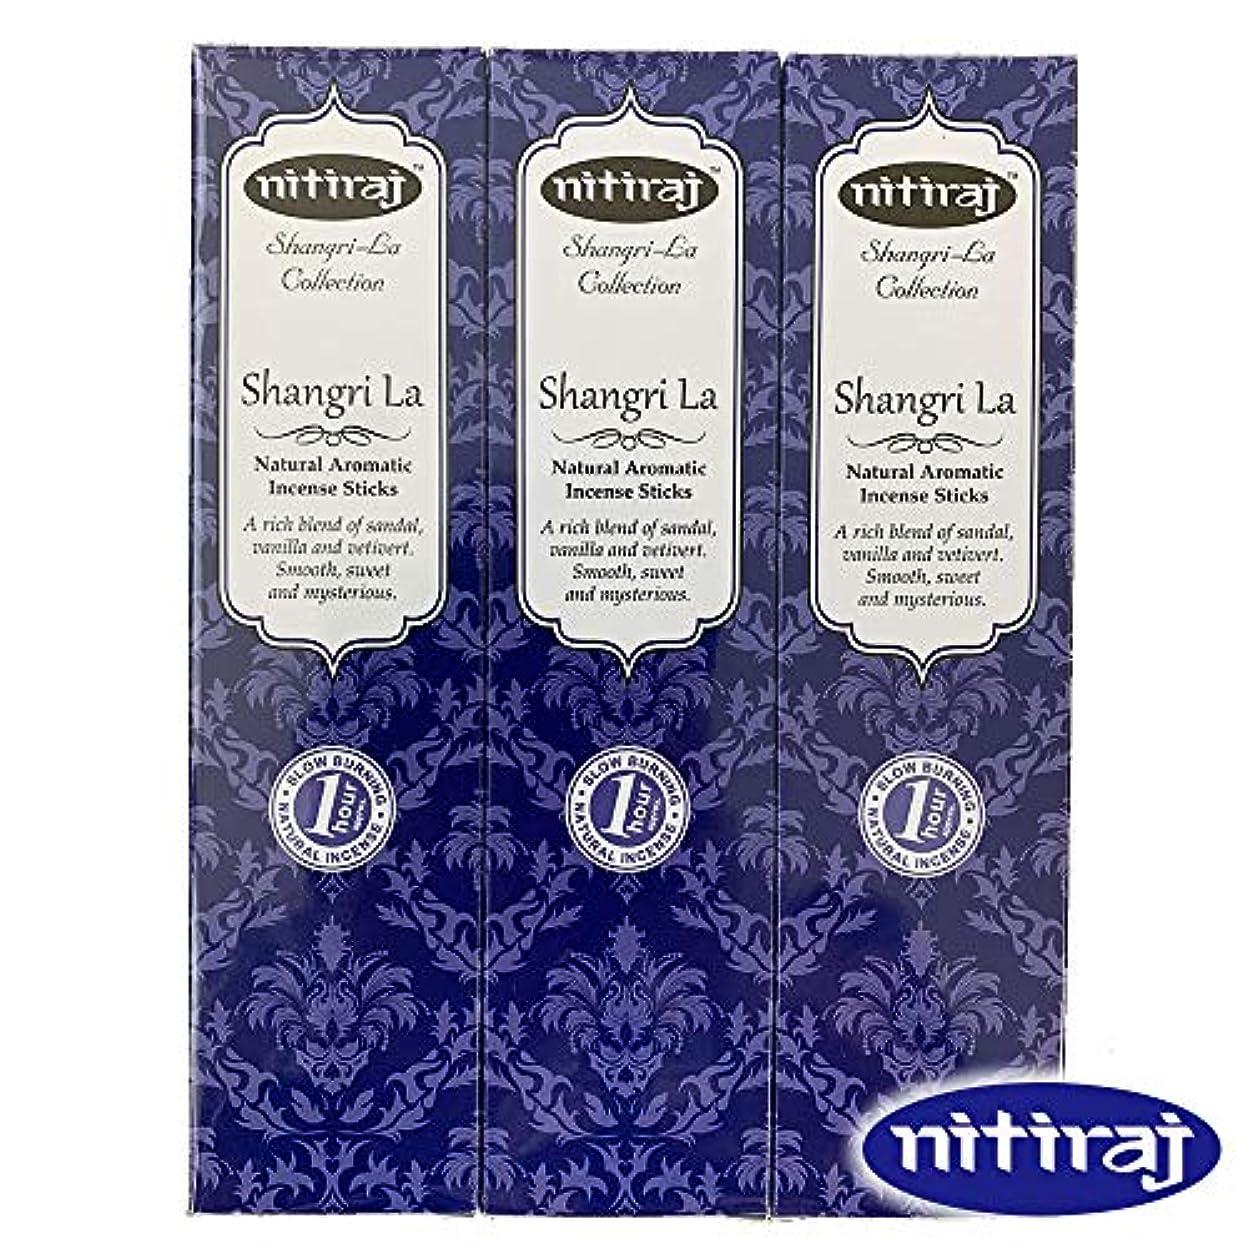 歌ヘビかんがいお香 アロマインセンス Nitiraj(ニティラジ)一番人気の香り シャングリ?ラ 3箱セット(30本/1箱10本入り)100%天然素材